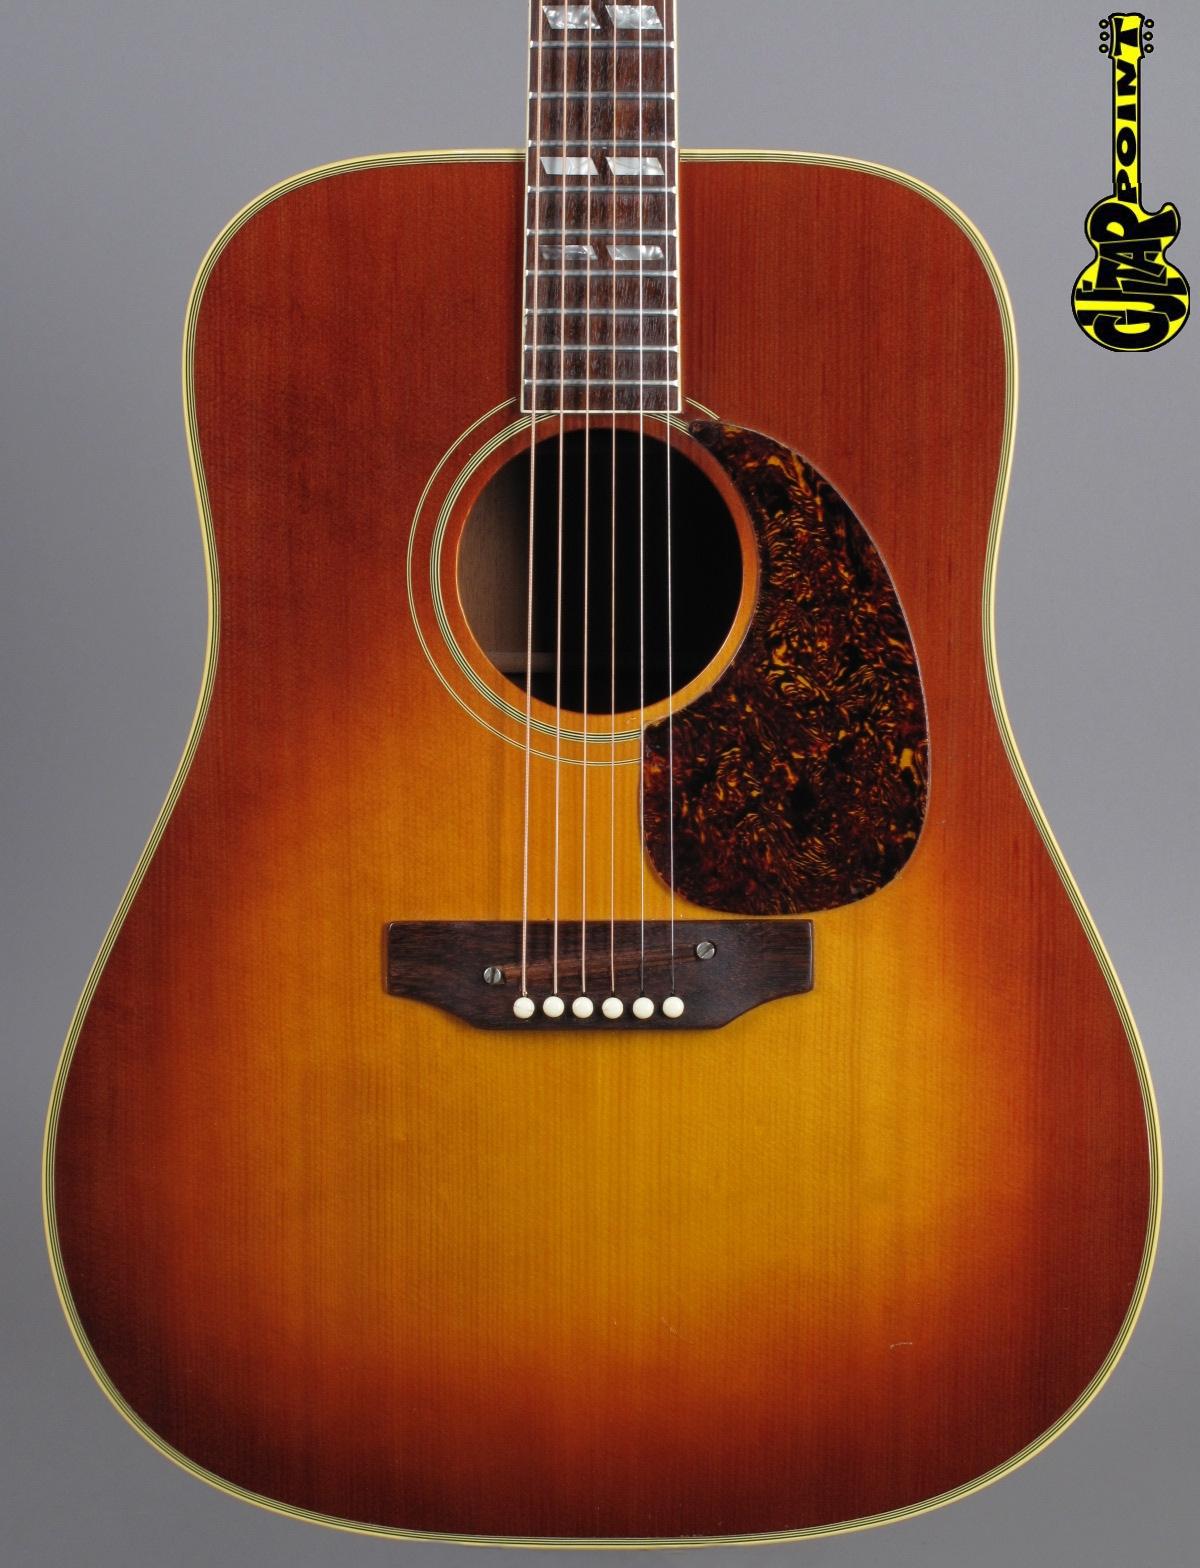 1970 Gibson SJ (Southern Jumbo) - Sunburst